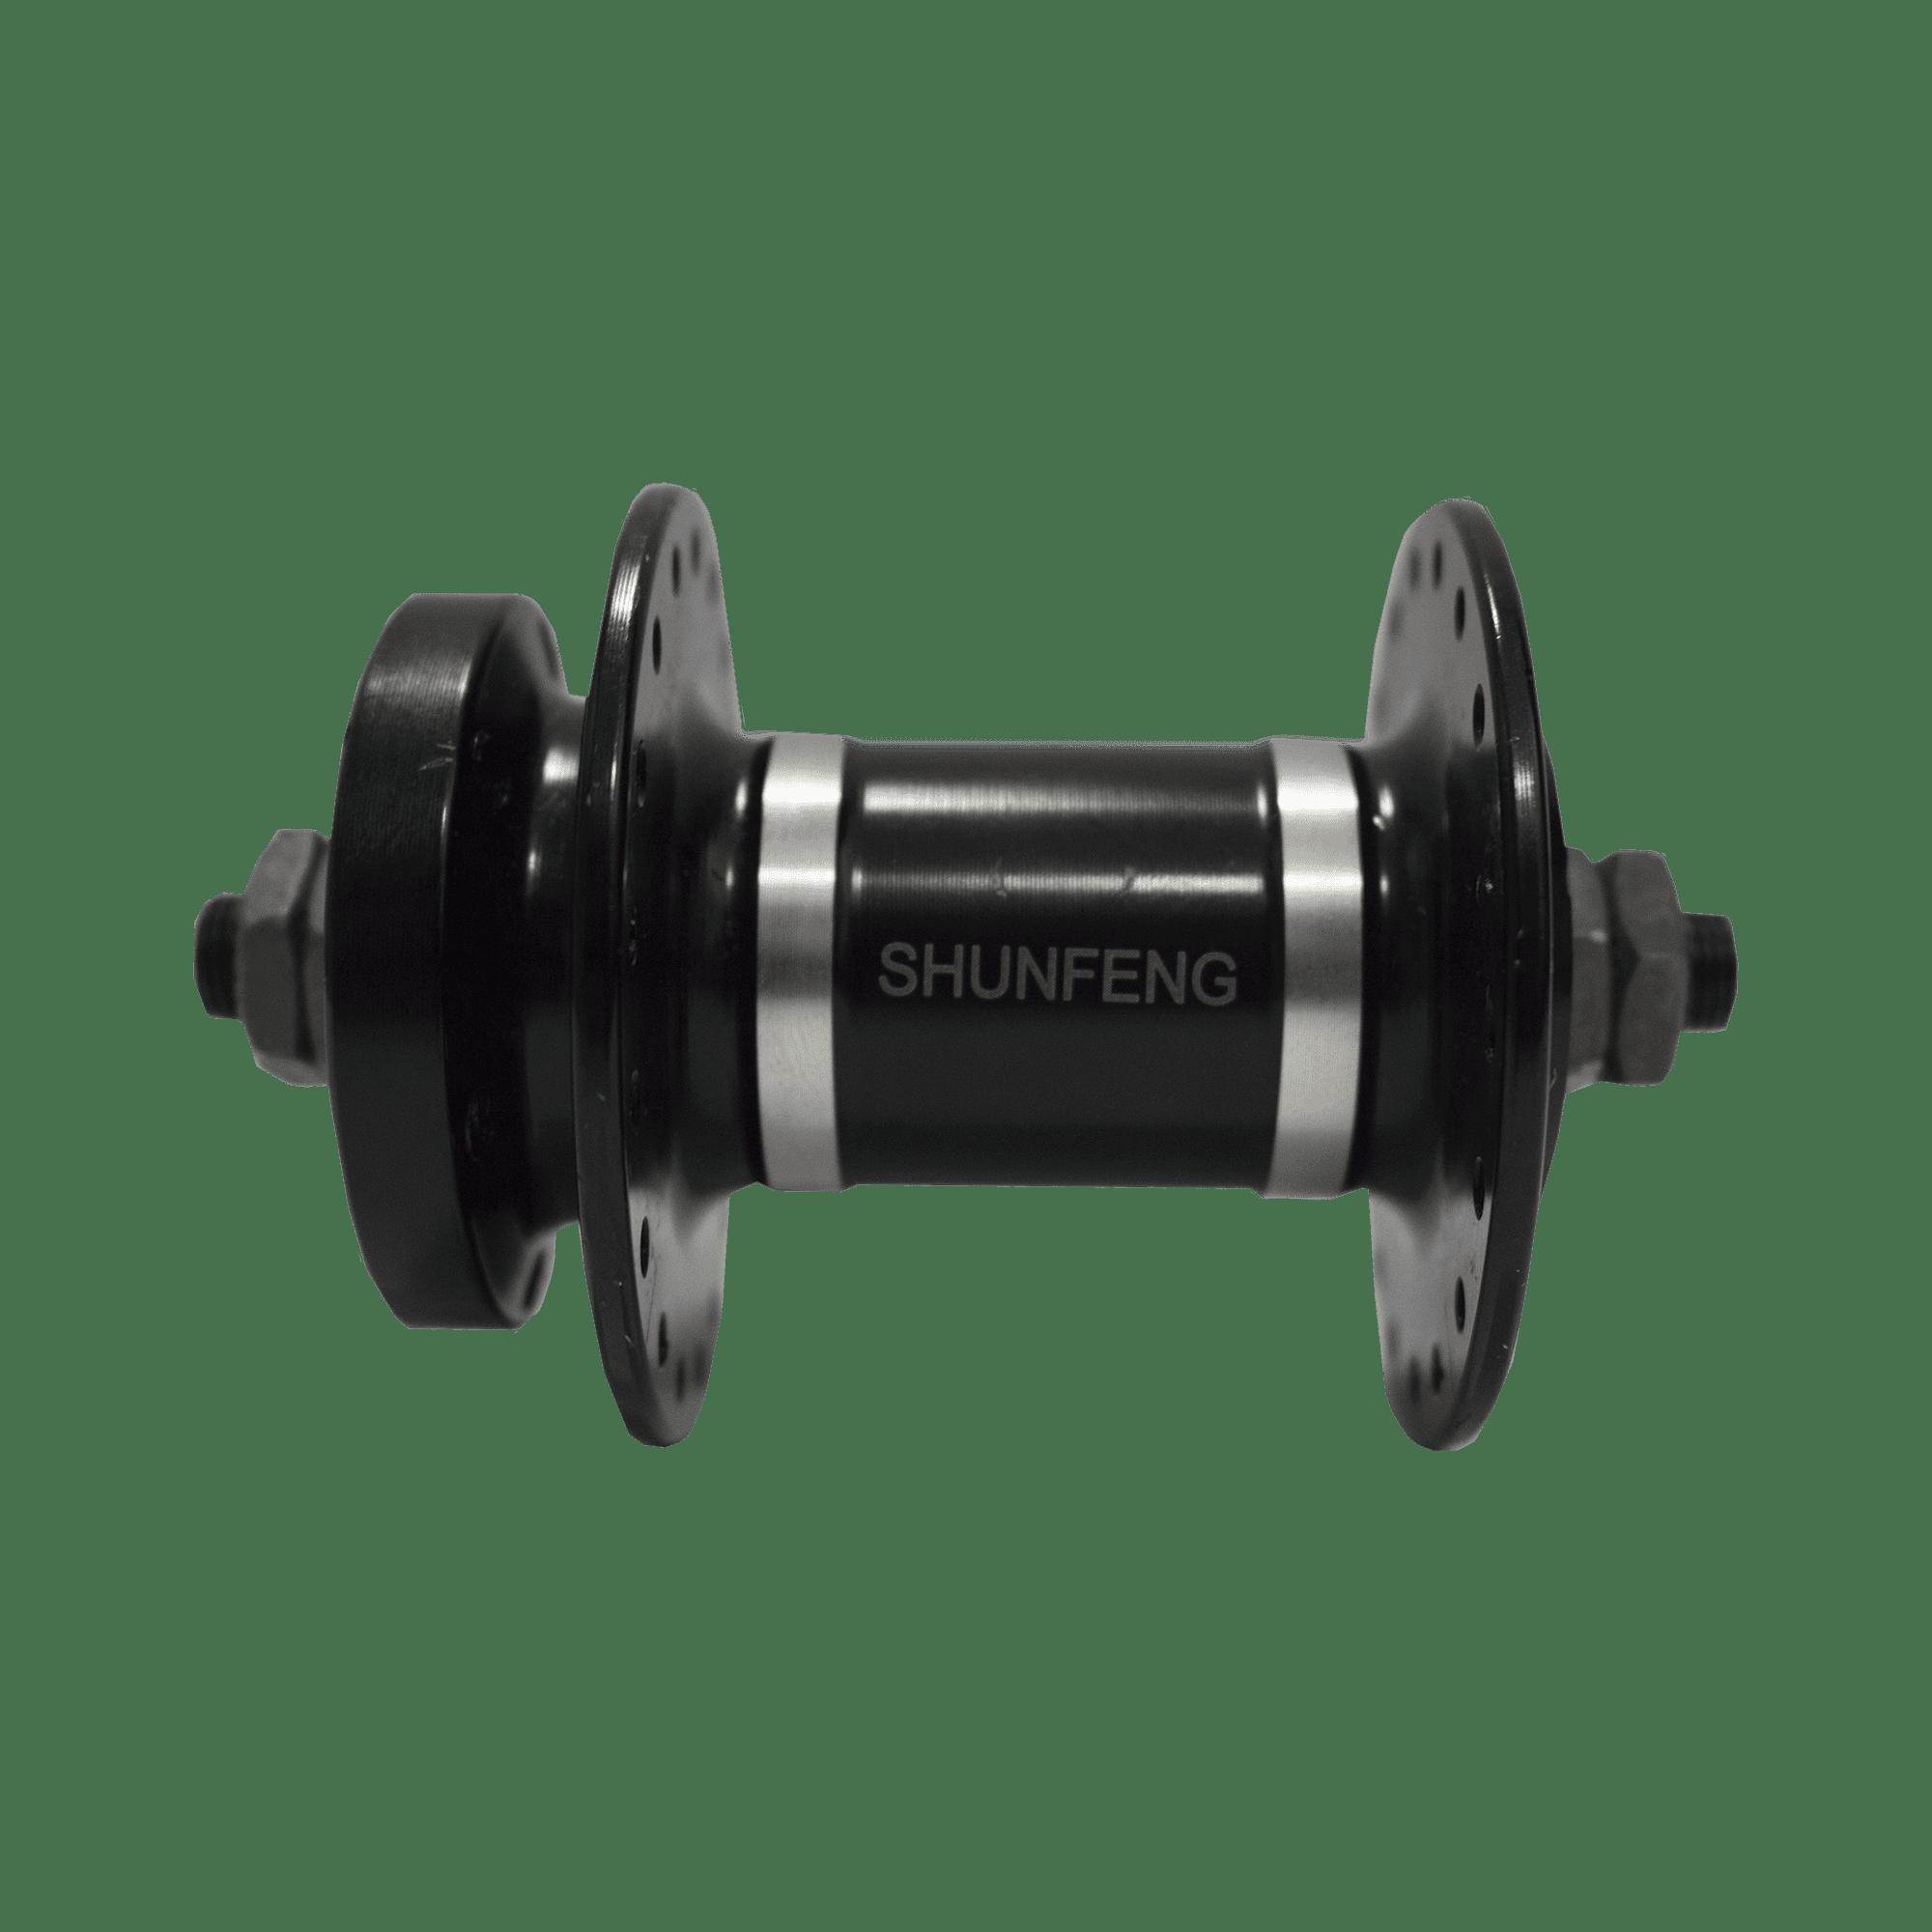 00897 Cubo Dianteiro de alumínio Disk Brake 36F SHUNFENG preto